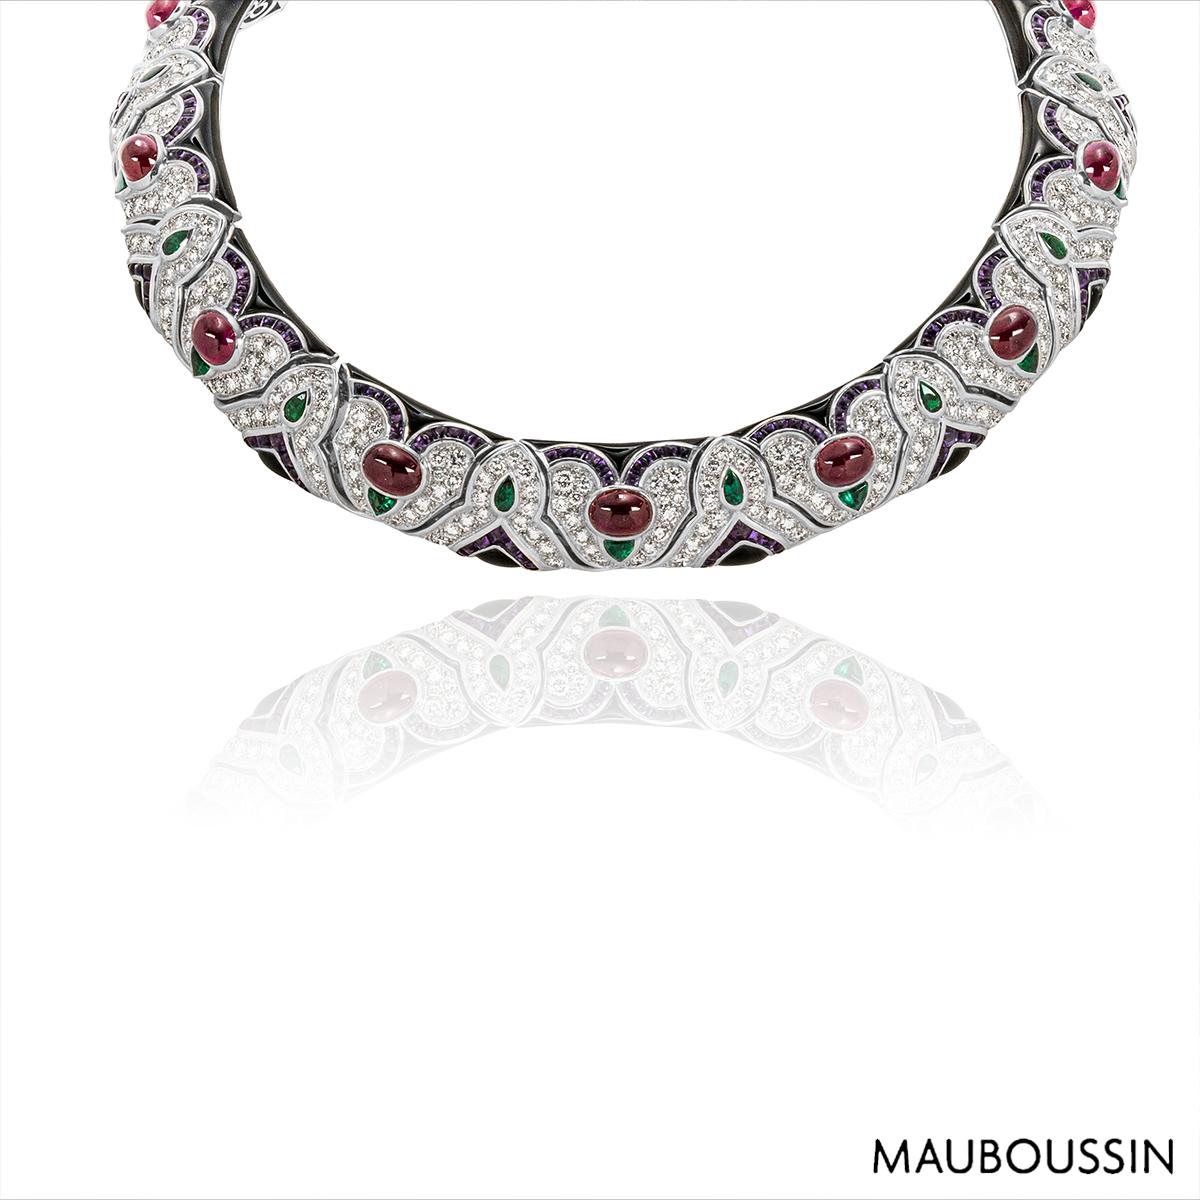 Mauboussin White Gold Multi-Gemstone Necklace